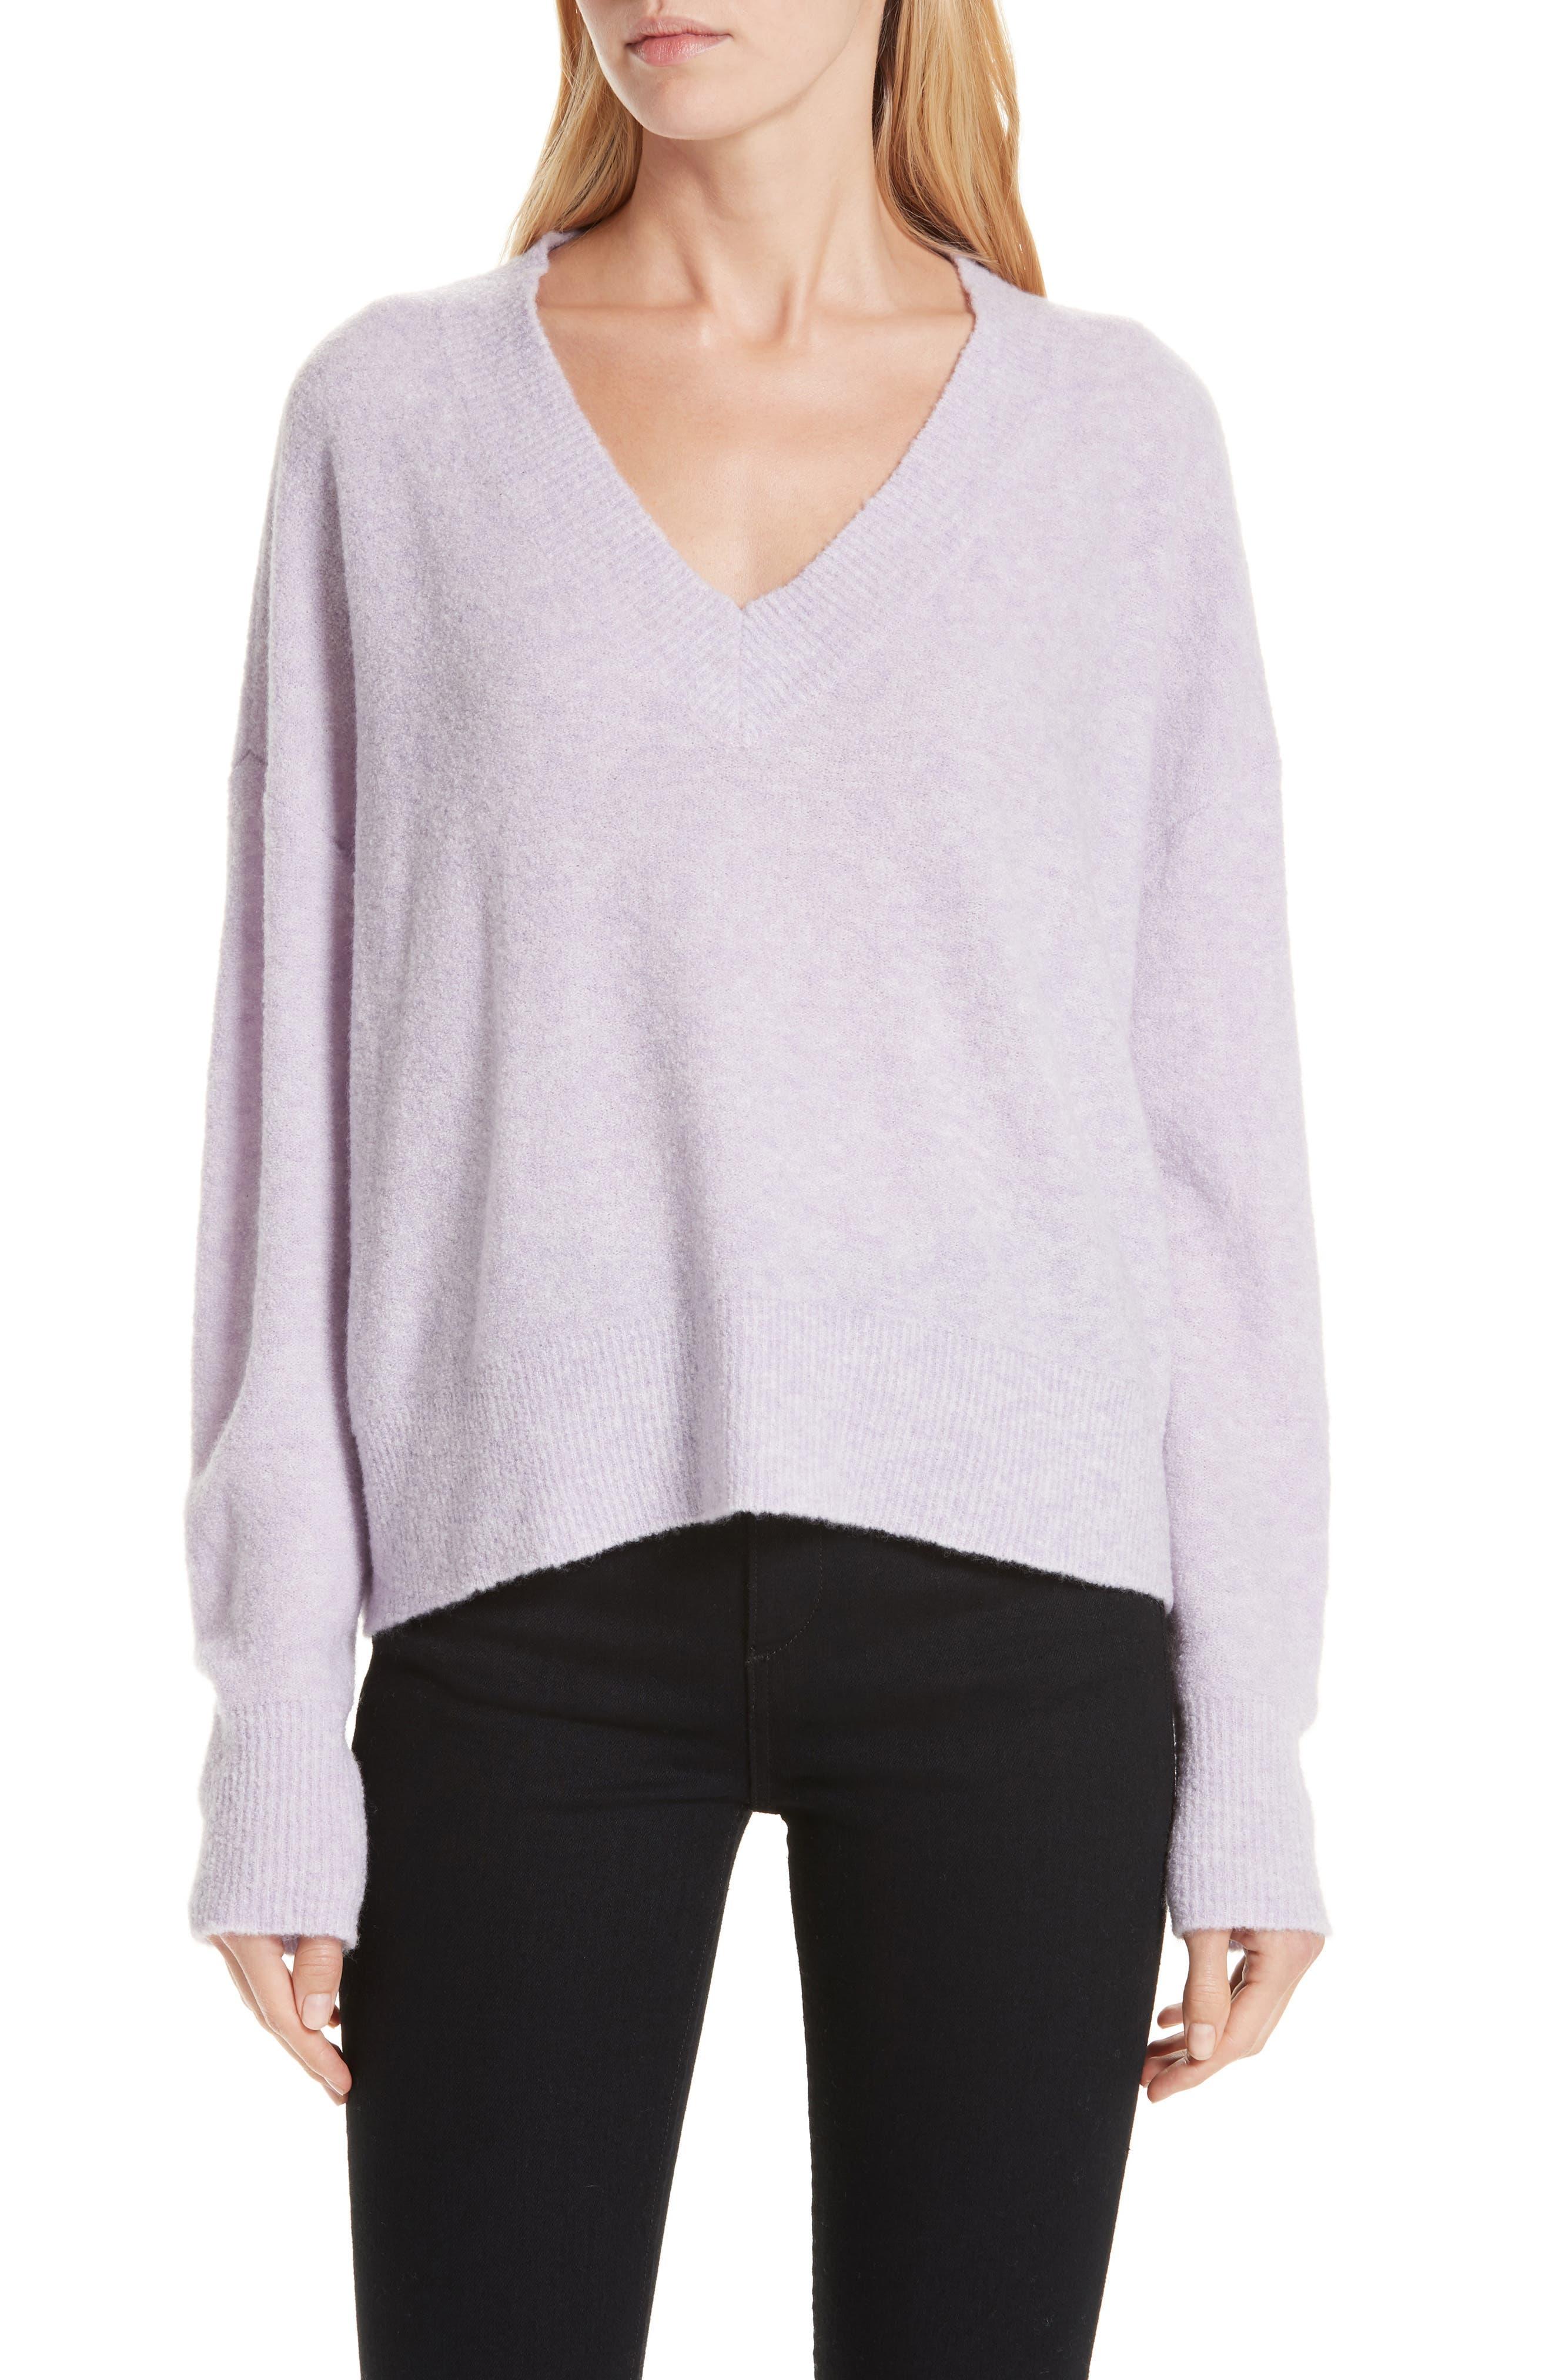 Cashmere Blend Bouclé Sweater,                             Main thumbnail 1, color,                             PURPLE HEIRLOOM HEATHER